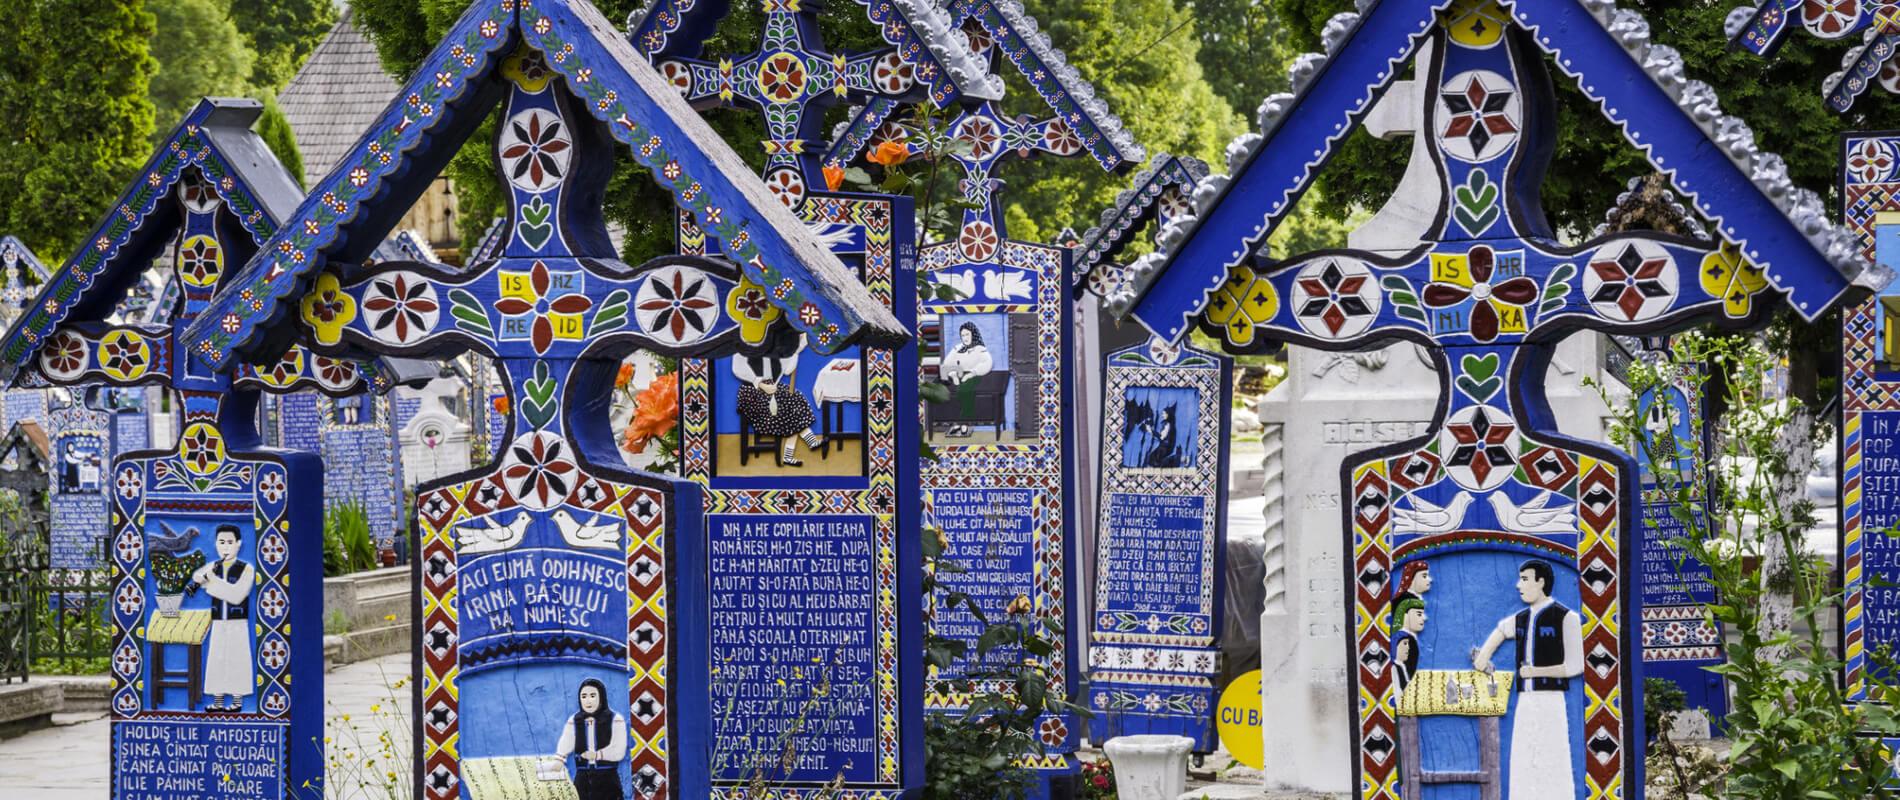 Cimitirul Vesel, il luogo di sepoltura più colorato e allegro del mondo